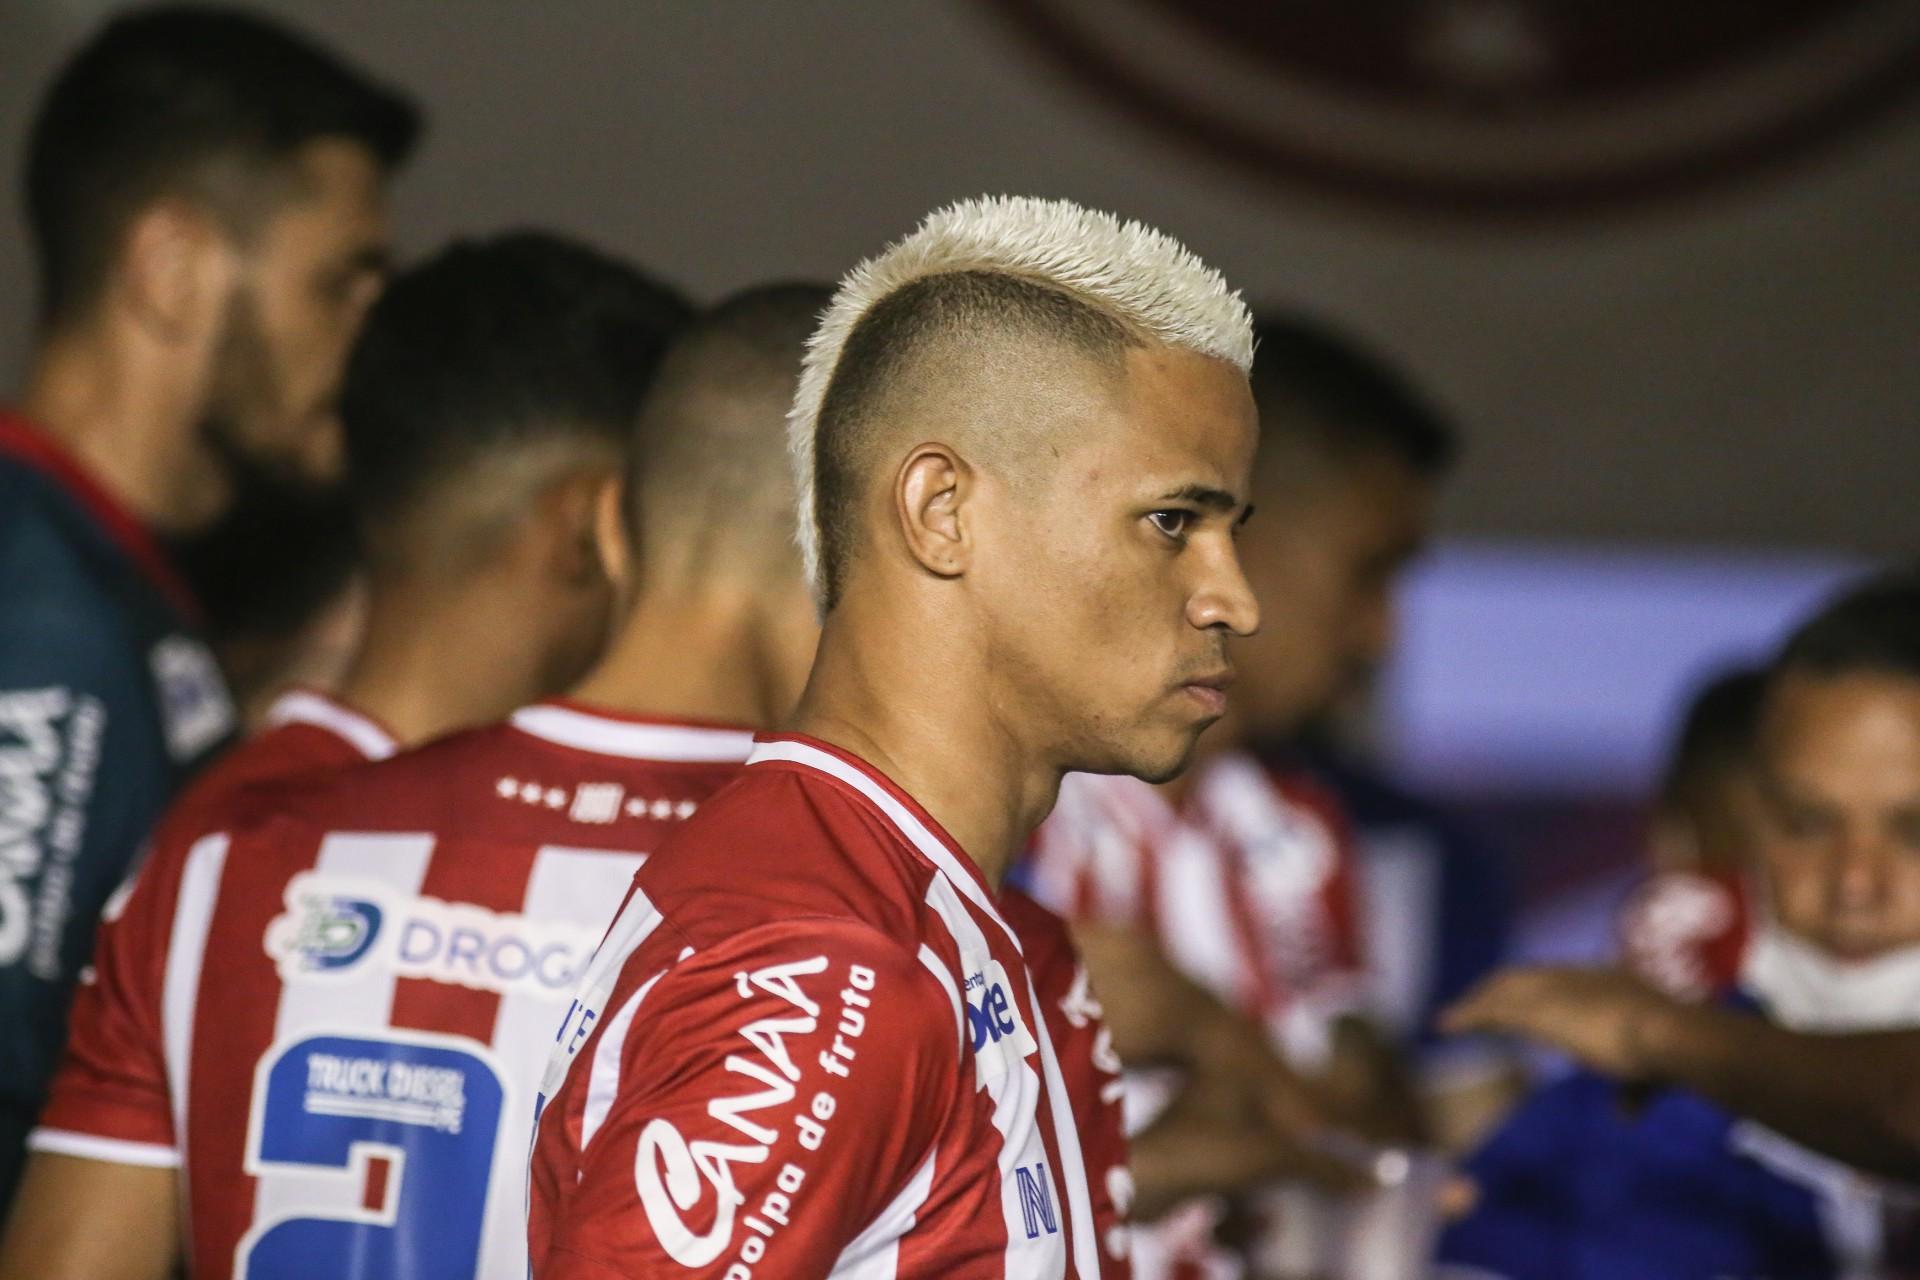 Atacante Erick no jogo Náutico x Remo, nos Aflitos, pelo Campeonato Brasileiro Série B (Foto: Tiago Caldas / CNC)